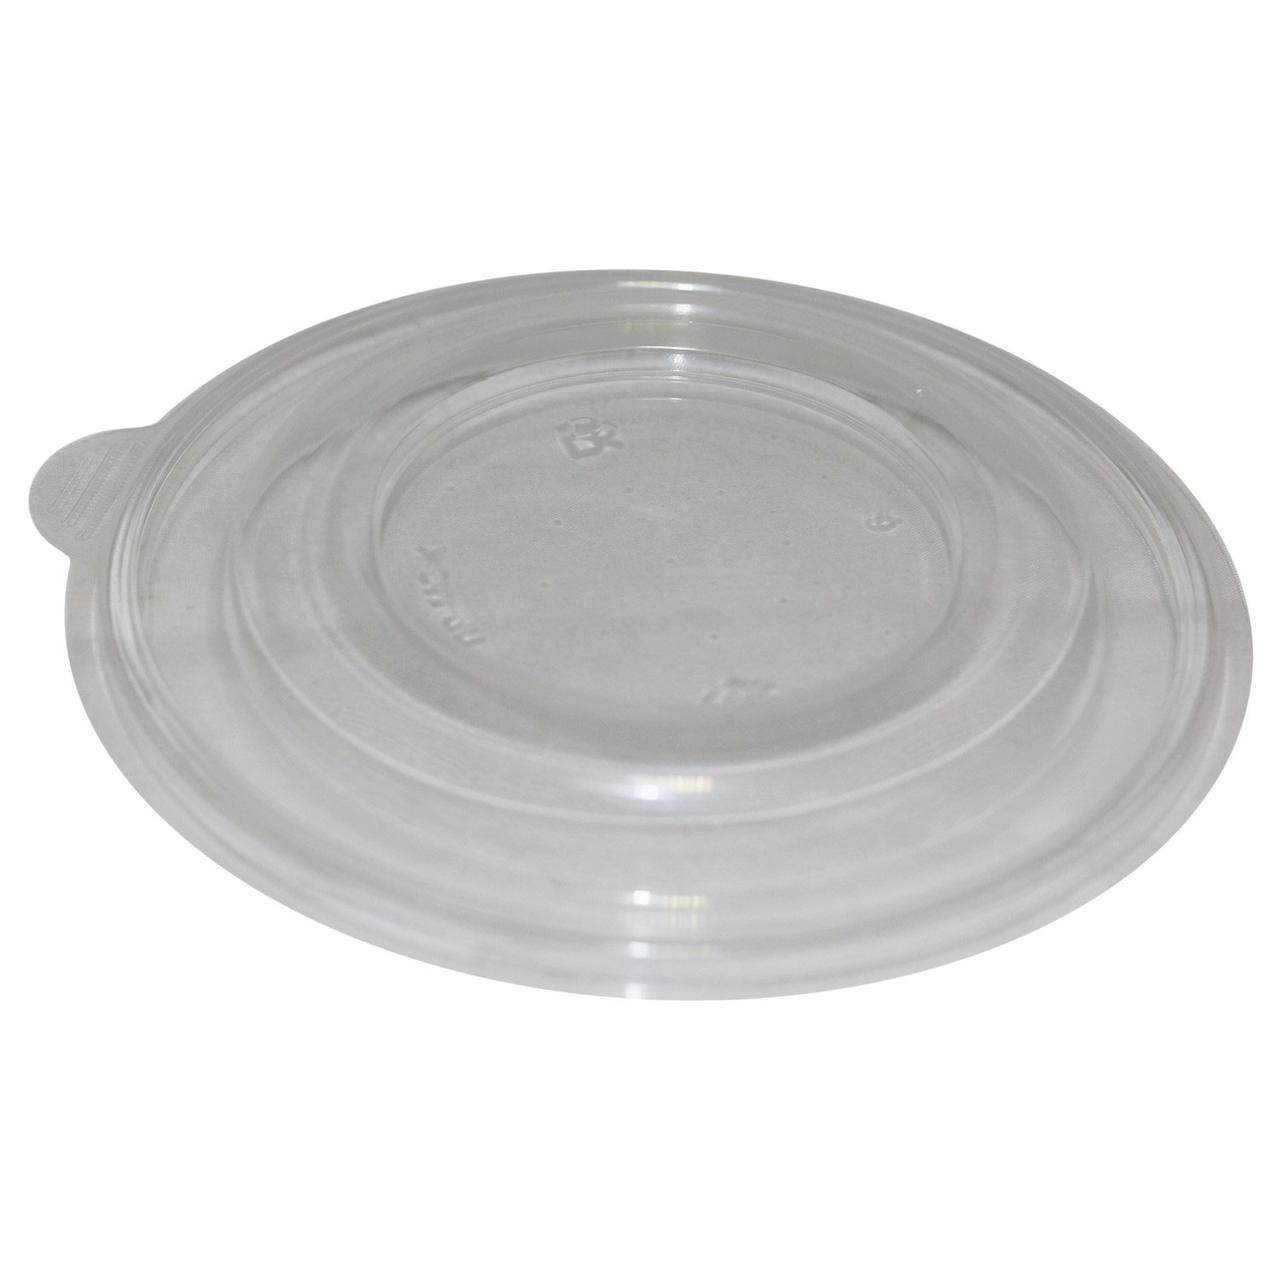 Крышка круглая d-144мм, к миске с отверстием, прозрач., PP, 540 шт